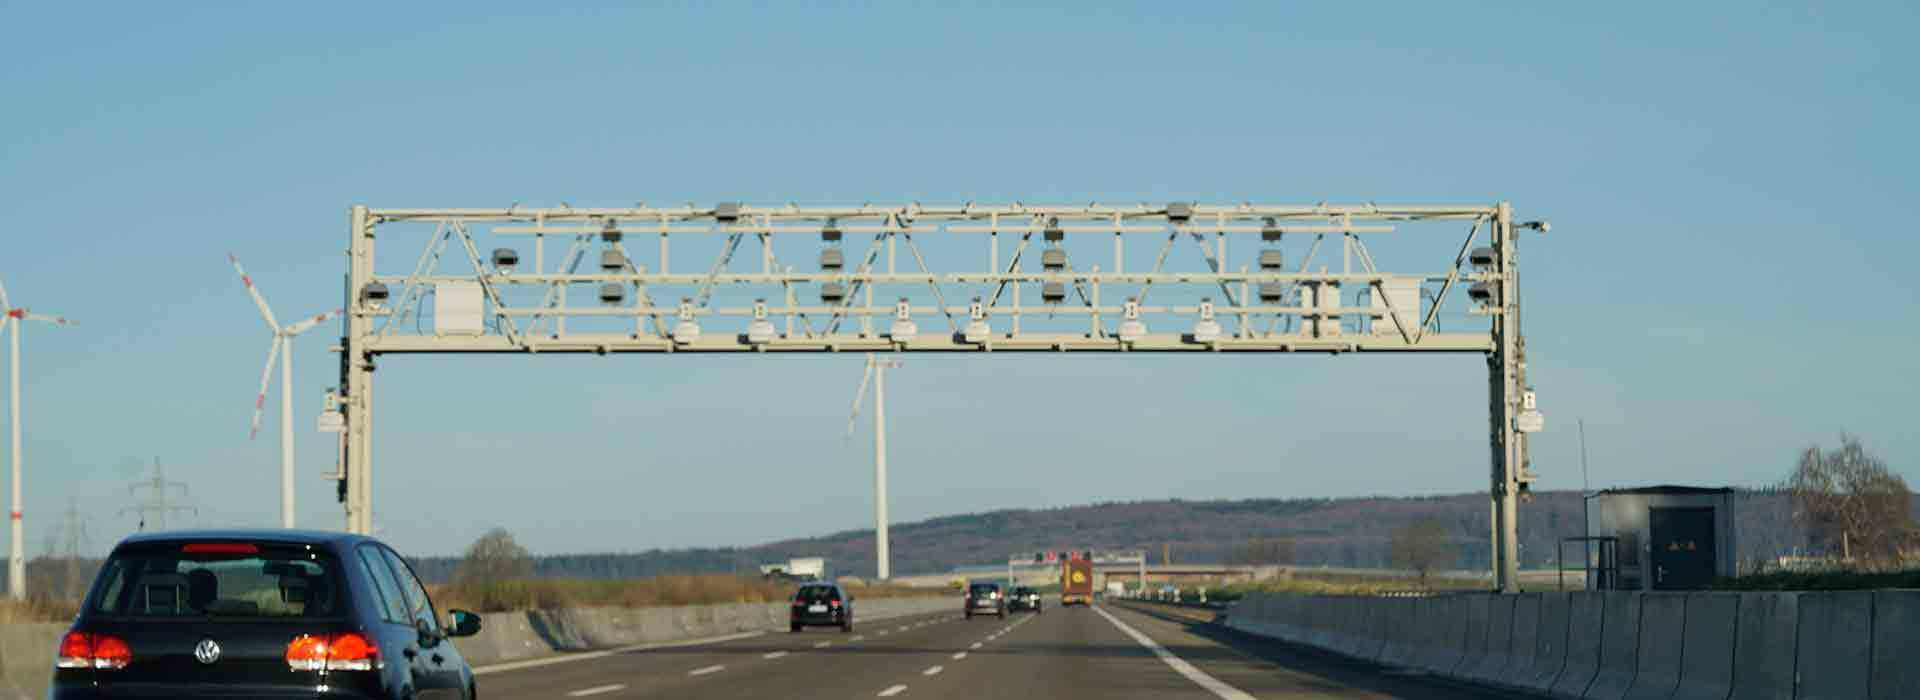 Превышение скорости на автобанах Германии